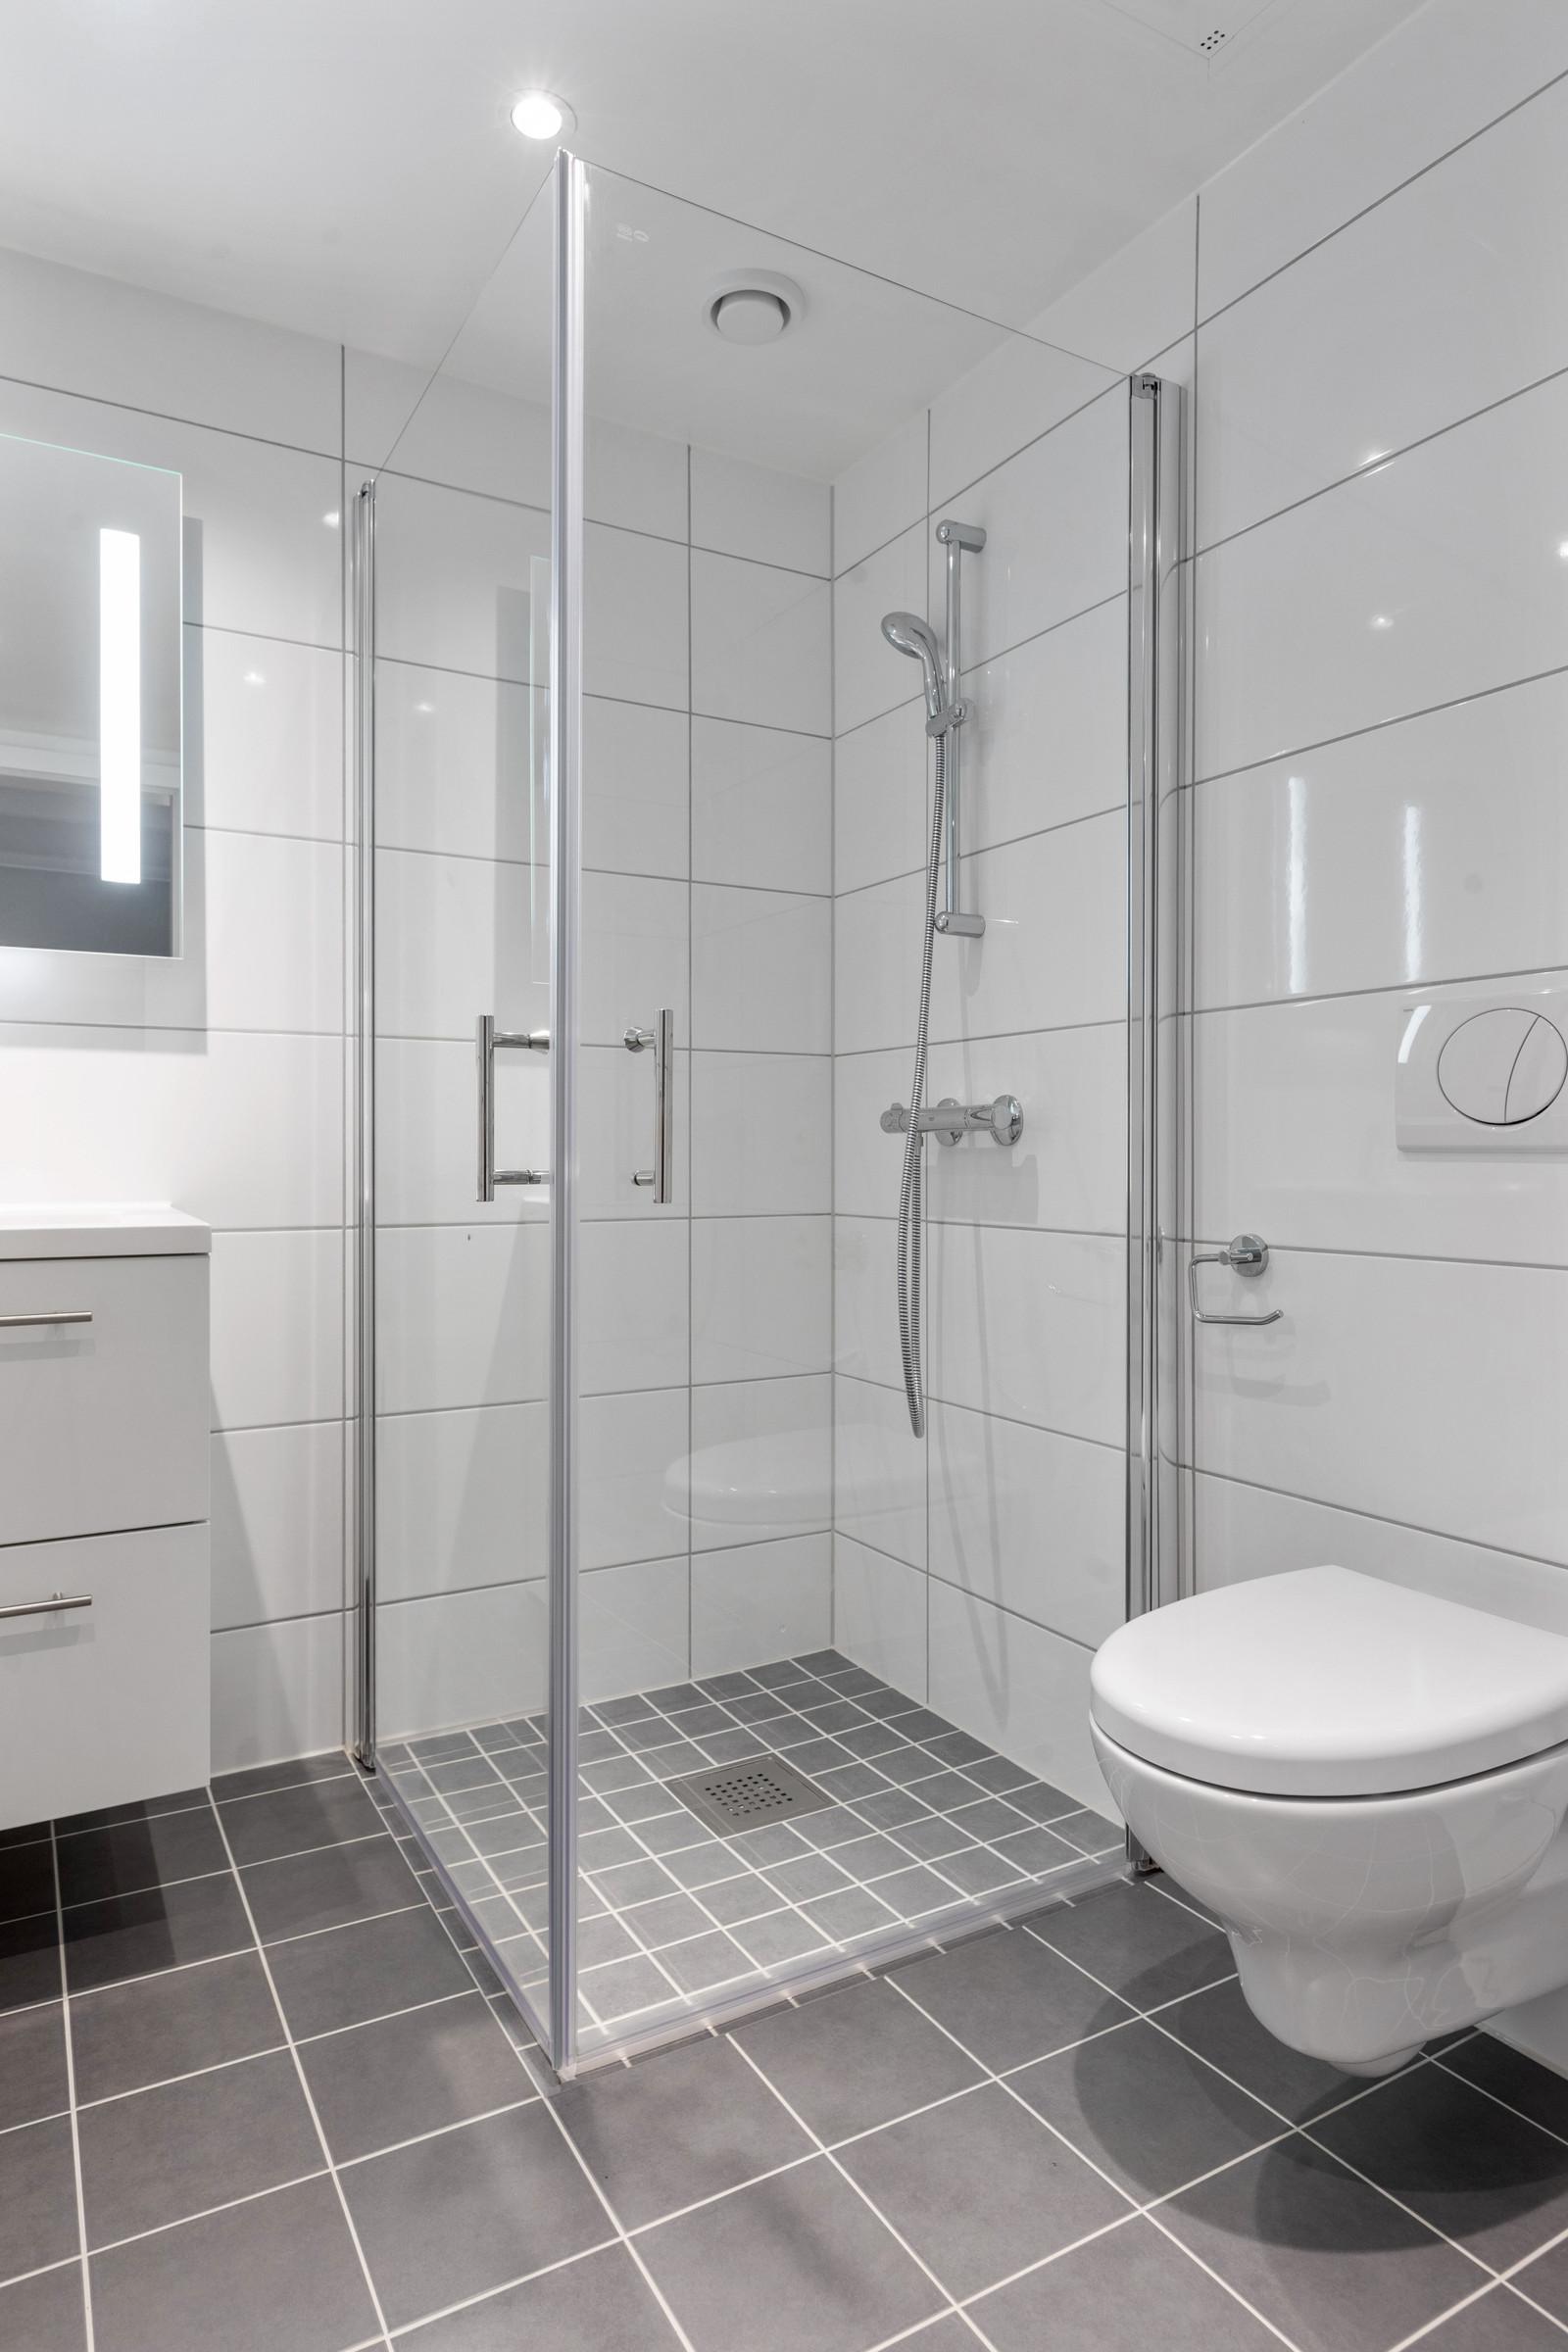 Bad med opplegg for vaskemaskin/tørketrommel